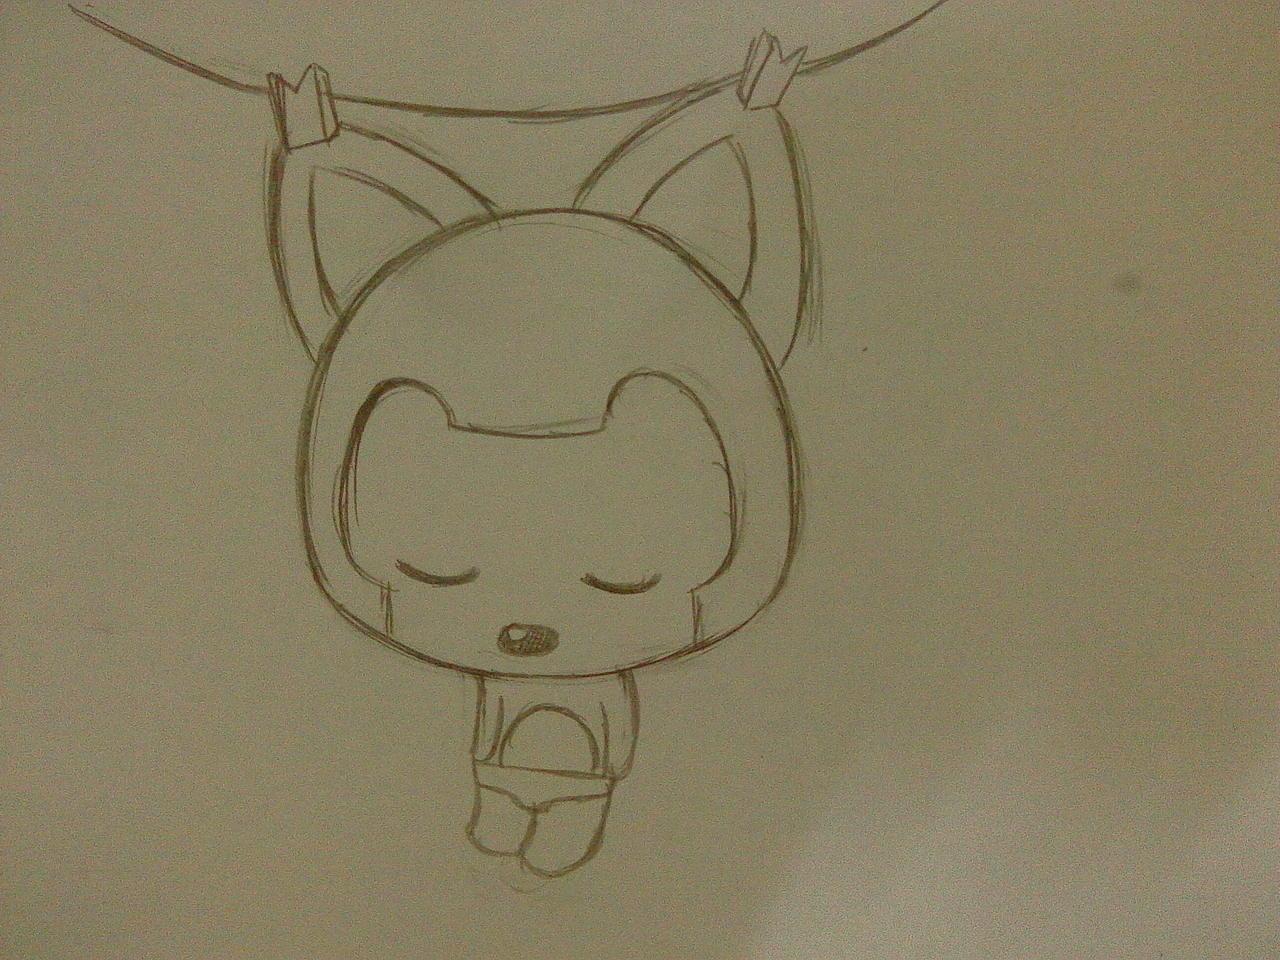 求可爱阿狸手绘图,要知友自己画的哟!